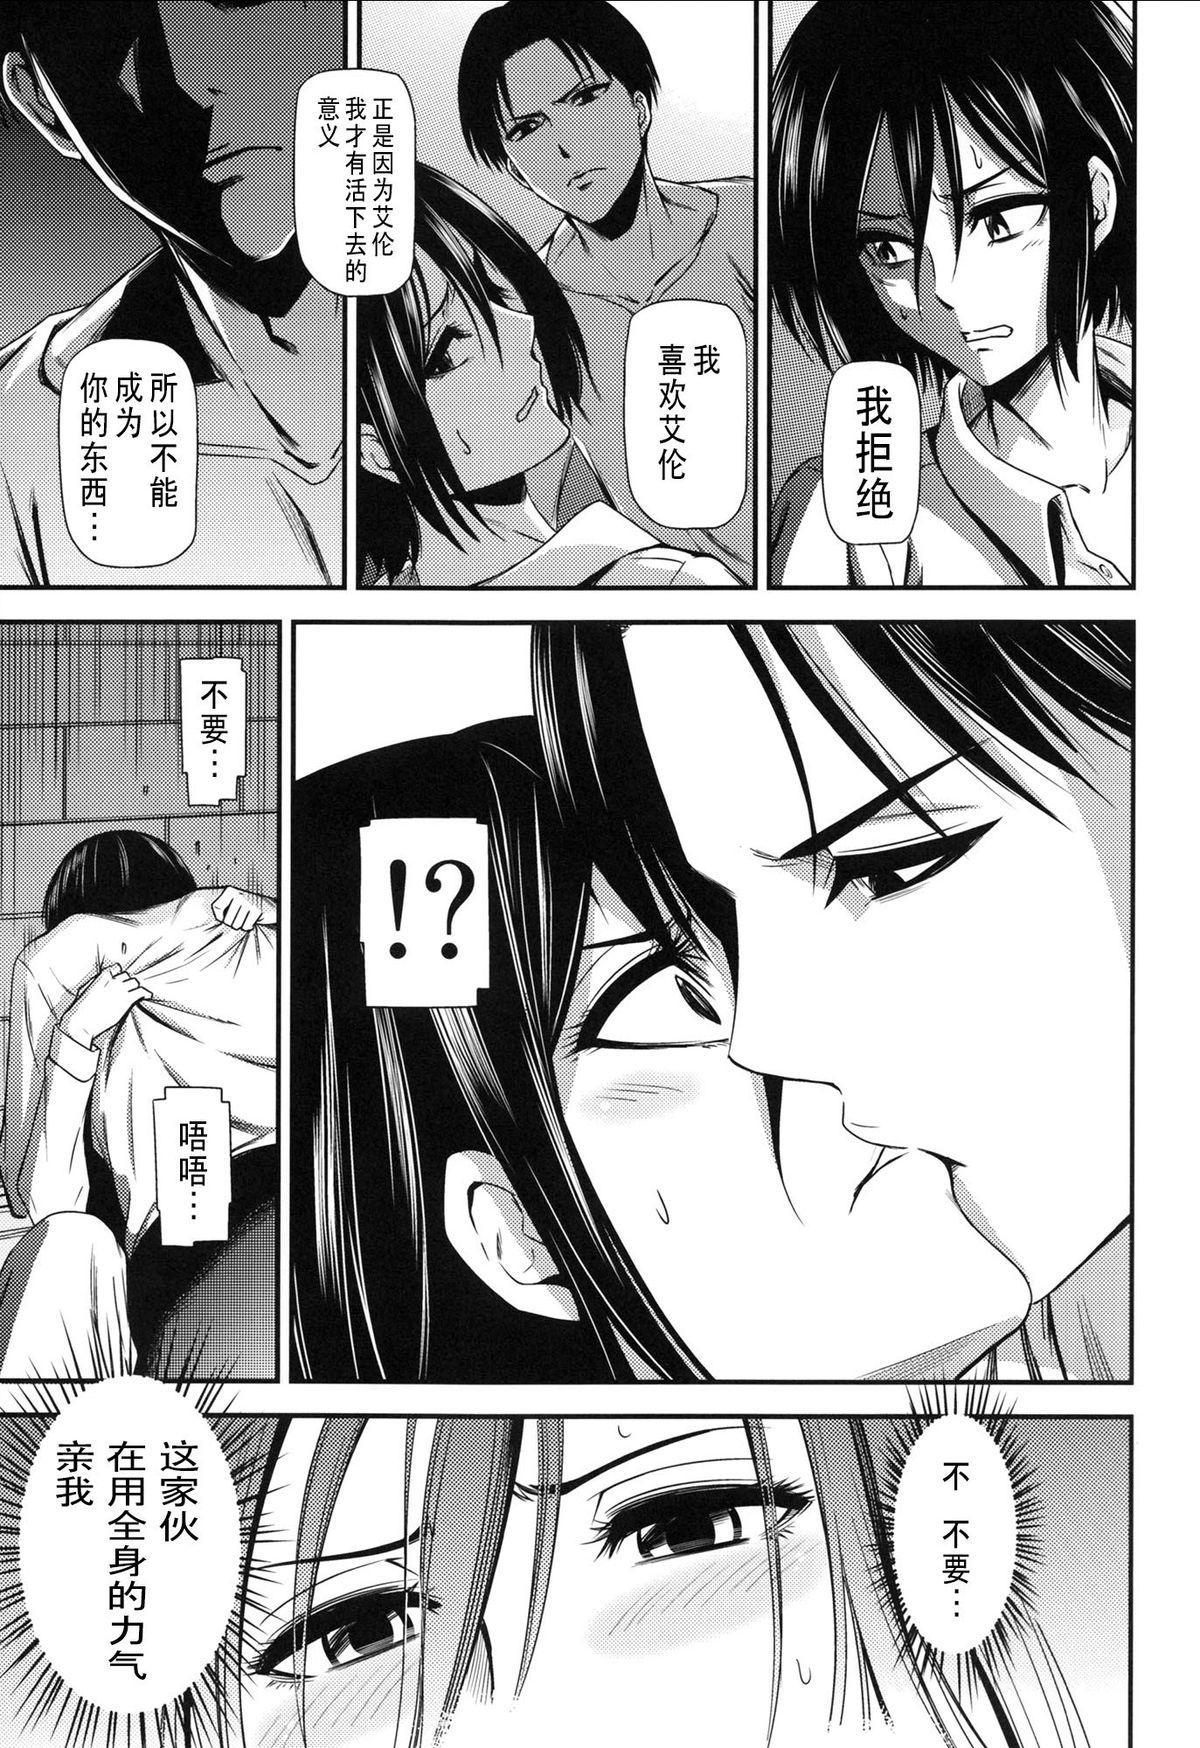 Gekishin San 12